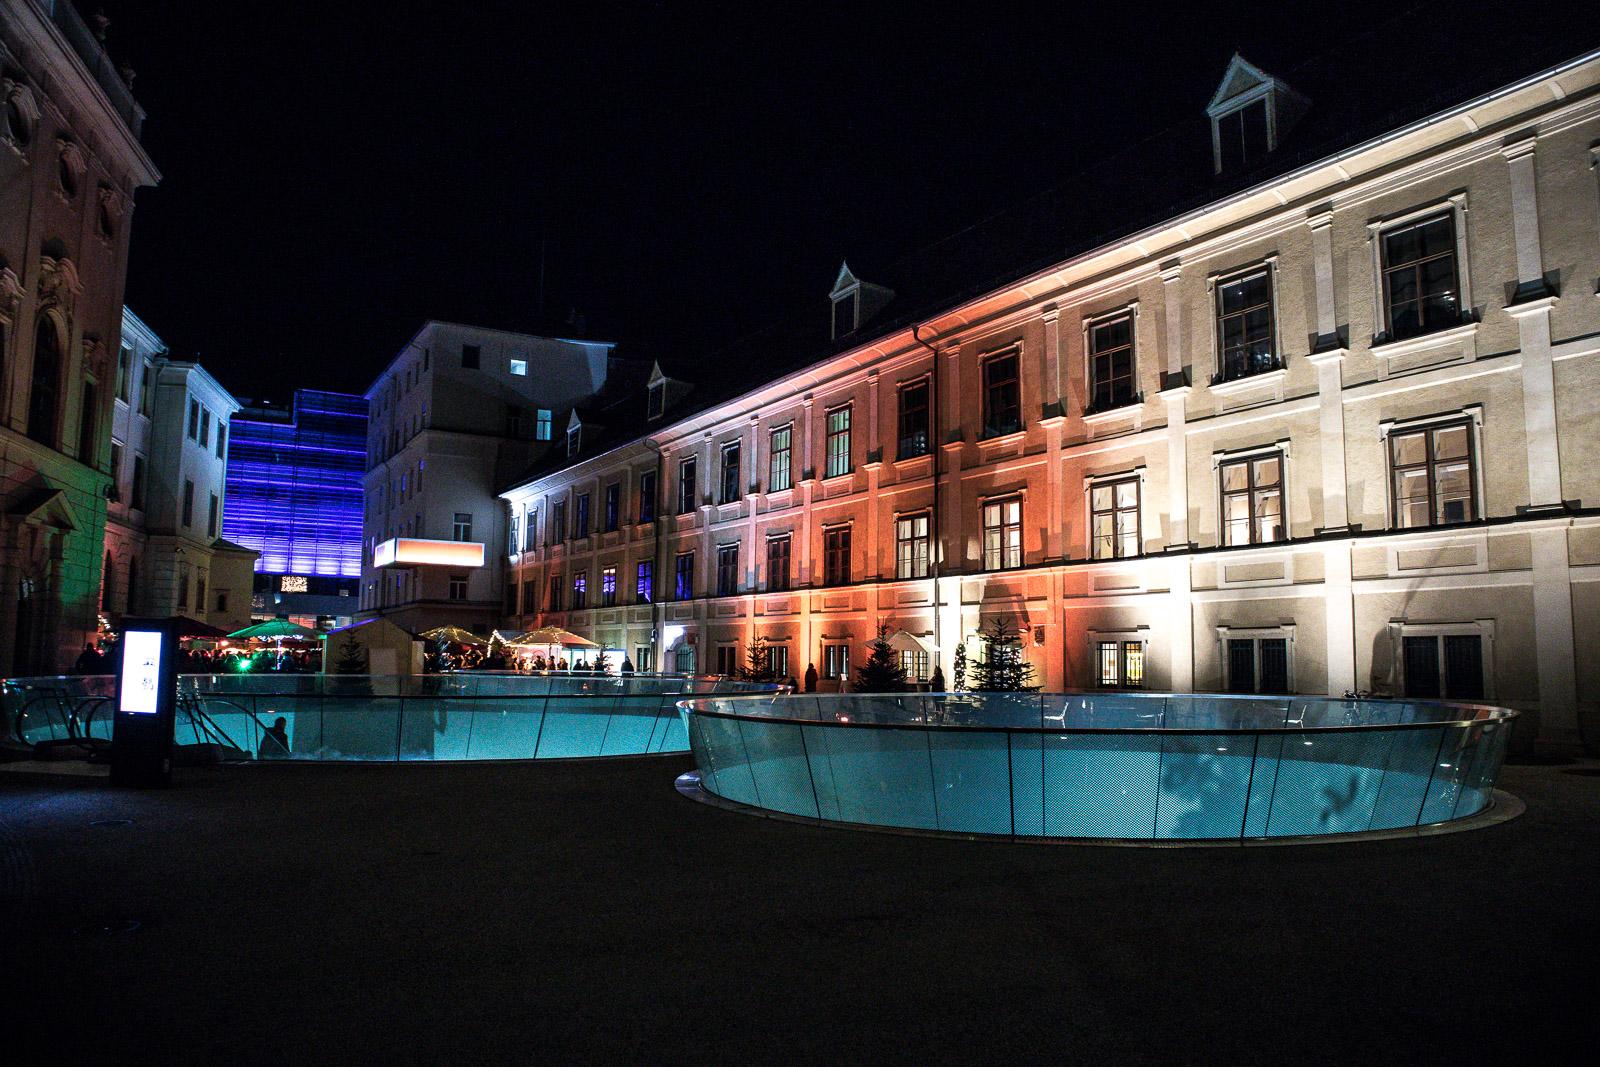 LIFESTYLE Adventszeit in Graz - Weihnachtsmärkte, Miss Classy, Lifestyle Blog Graz, classy, Christkindlmarkt, Weihnachtsmarkt, Graz, Glühwein, Punsch, Advent in Graz, Joanneumsviertel